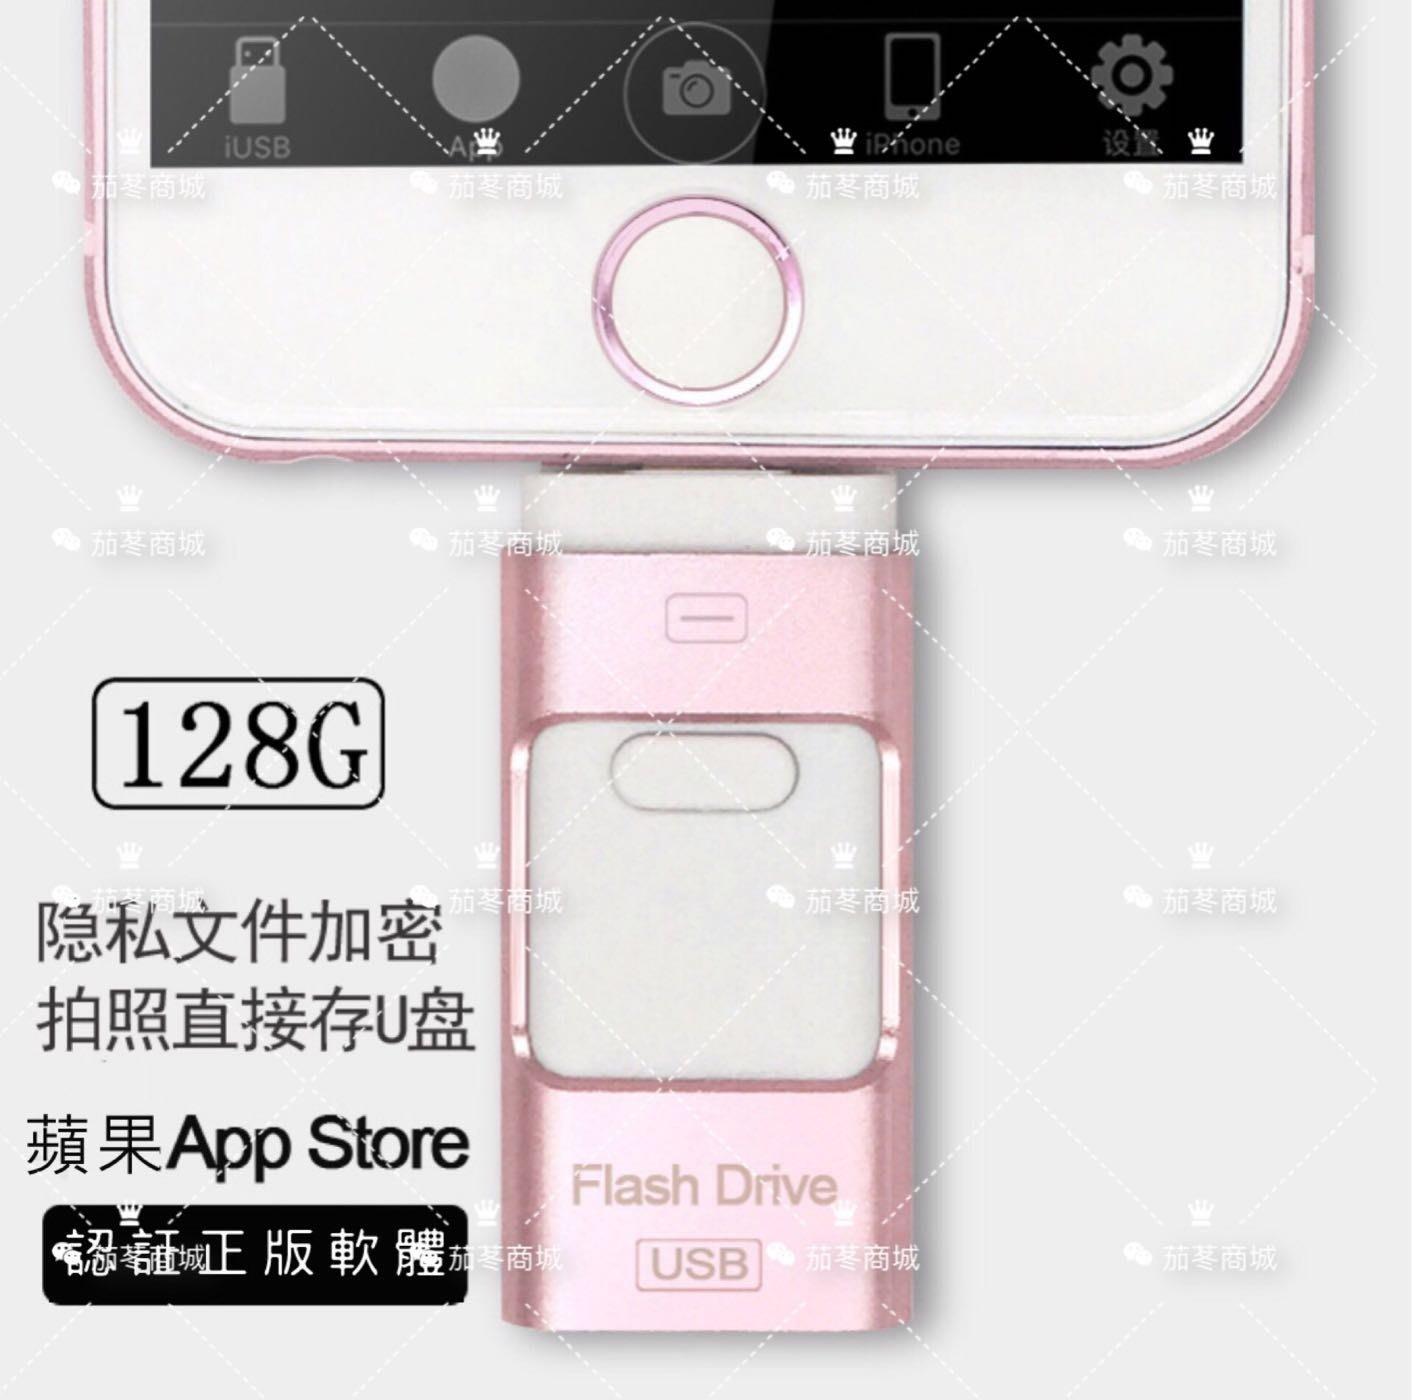 👏🏻現貨 MFi認證 蘋果 iPhone 128G 隨身碟 OTG 安桌 電腦 3合一通用 口袋相簿 指紋加密 錄音